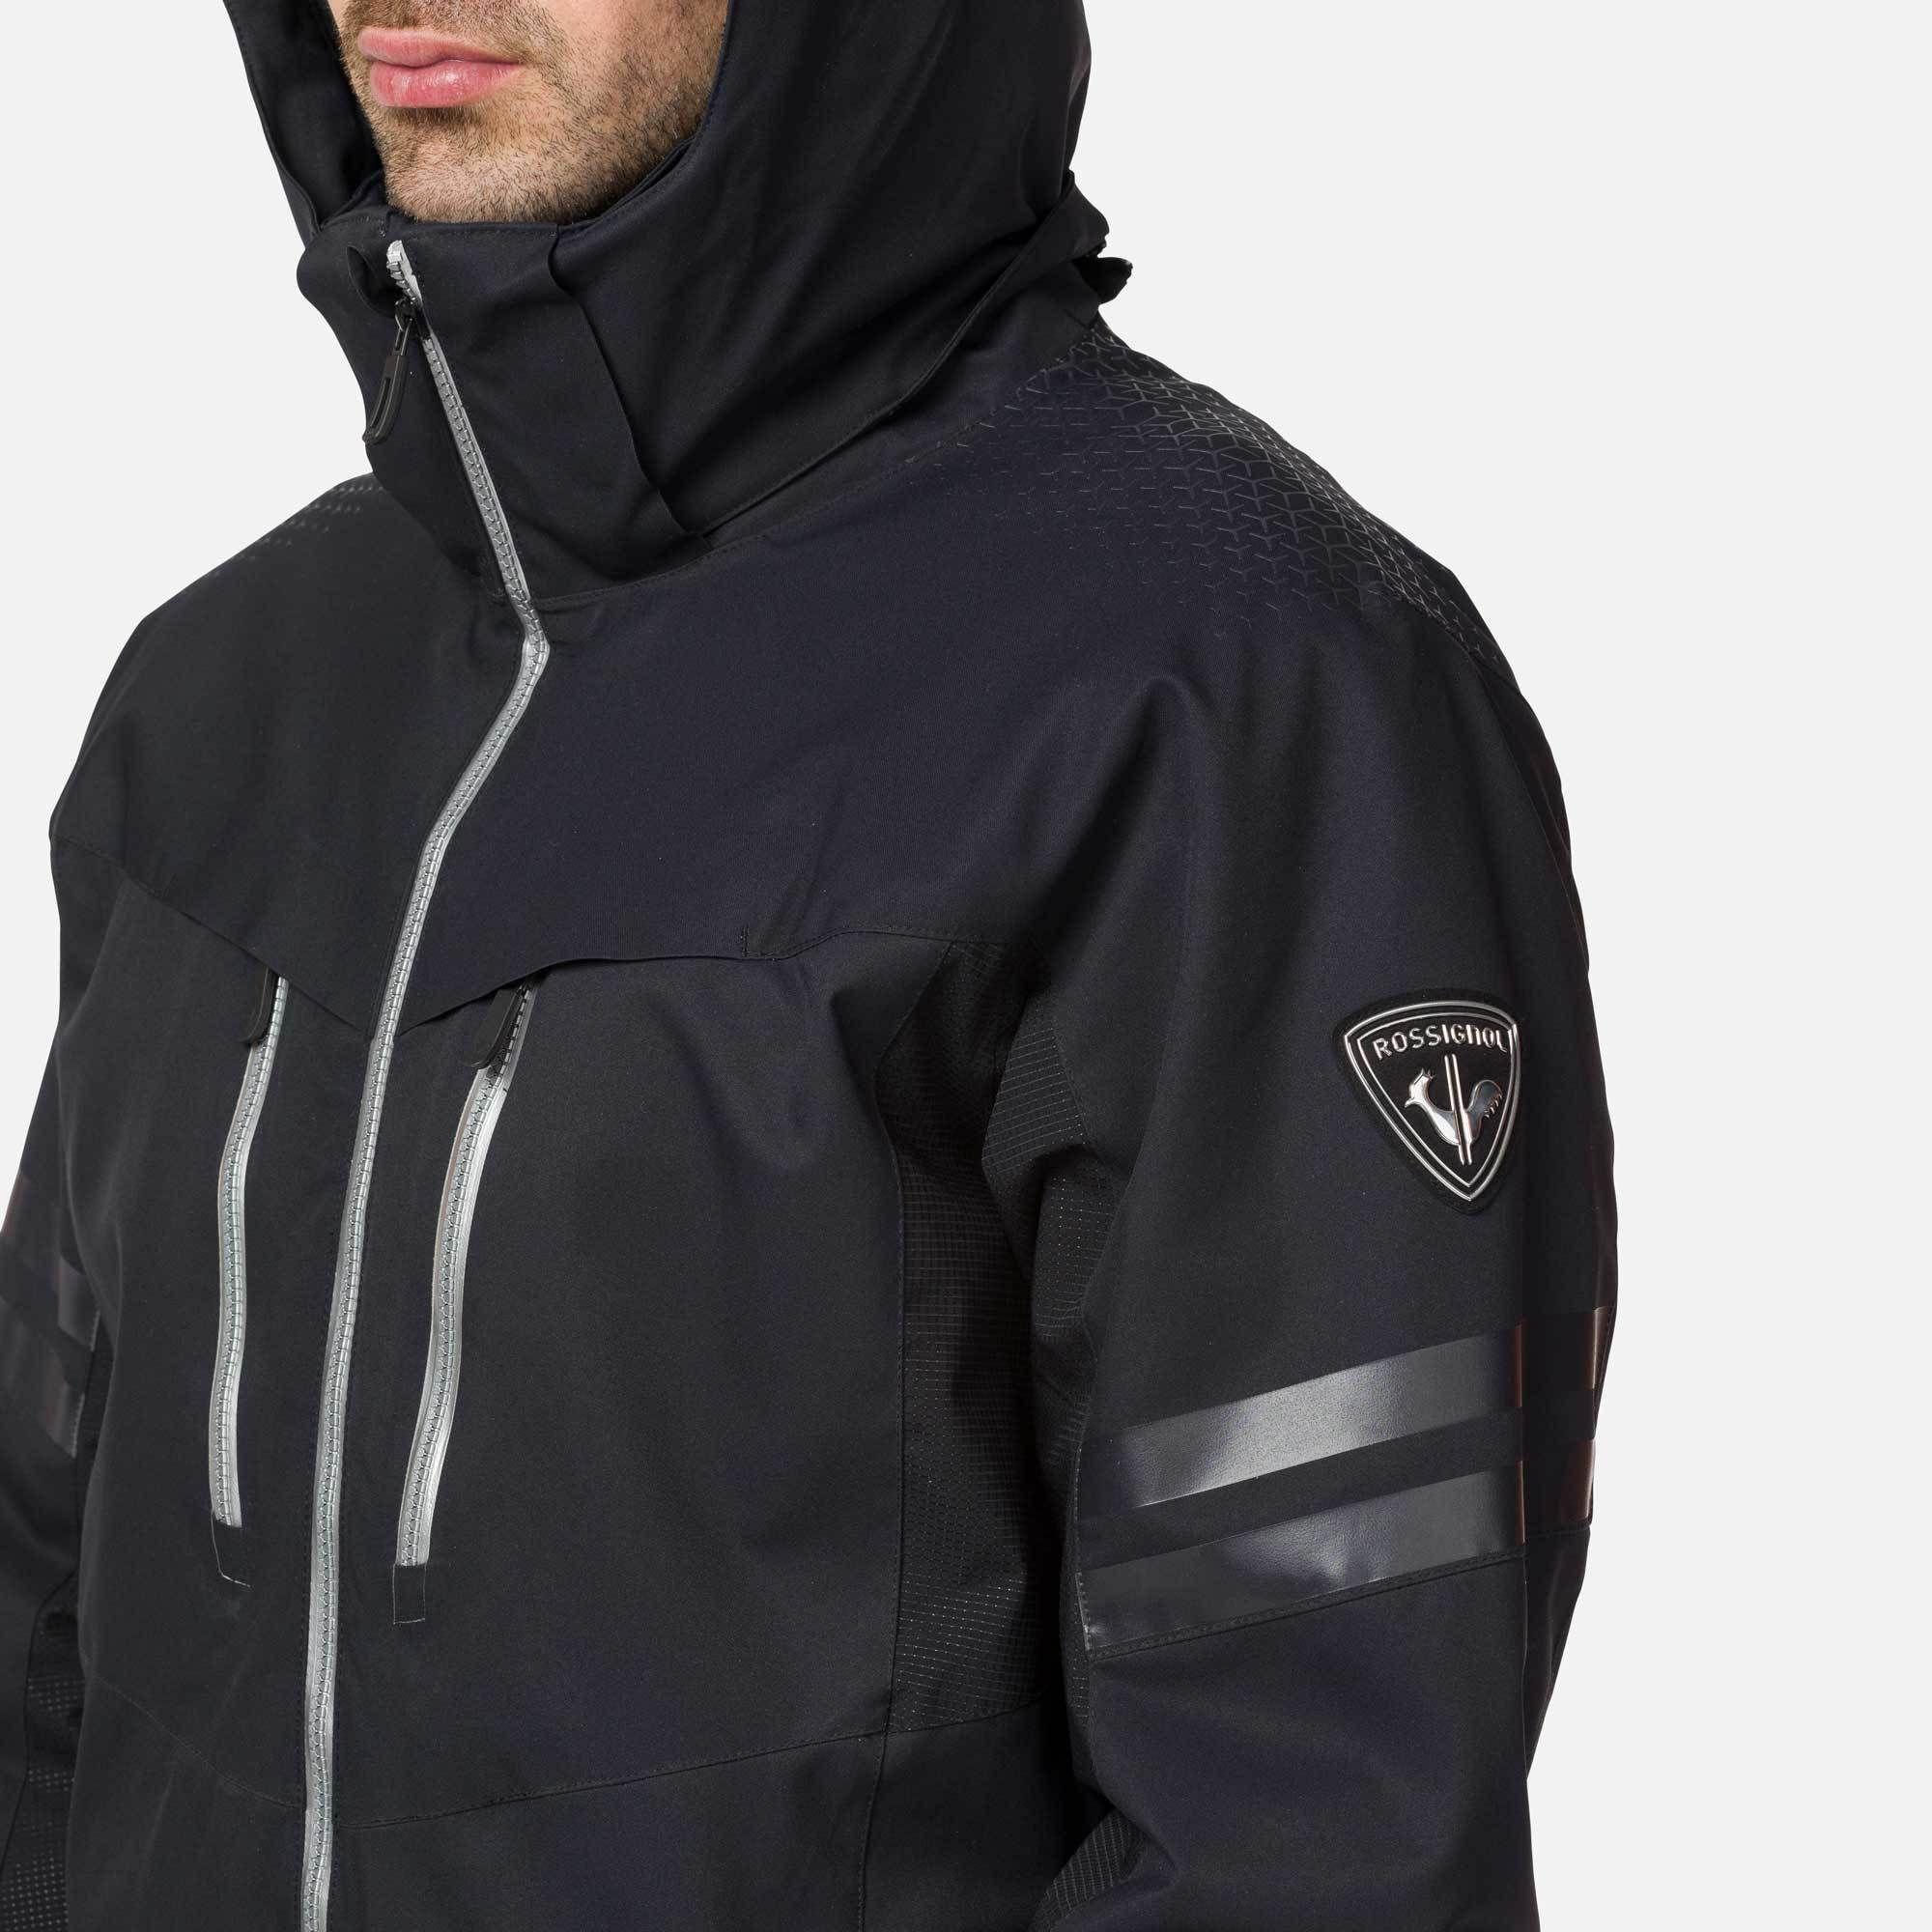 Гірськолижна куртка ROSSIGNOL ( RLHMJ06 ) SKI JKT 2019 200 (L ... 35705e9175af3